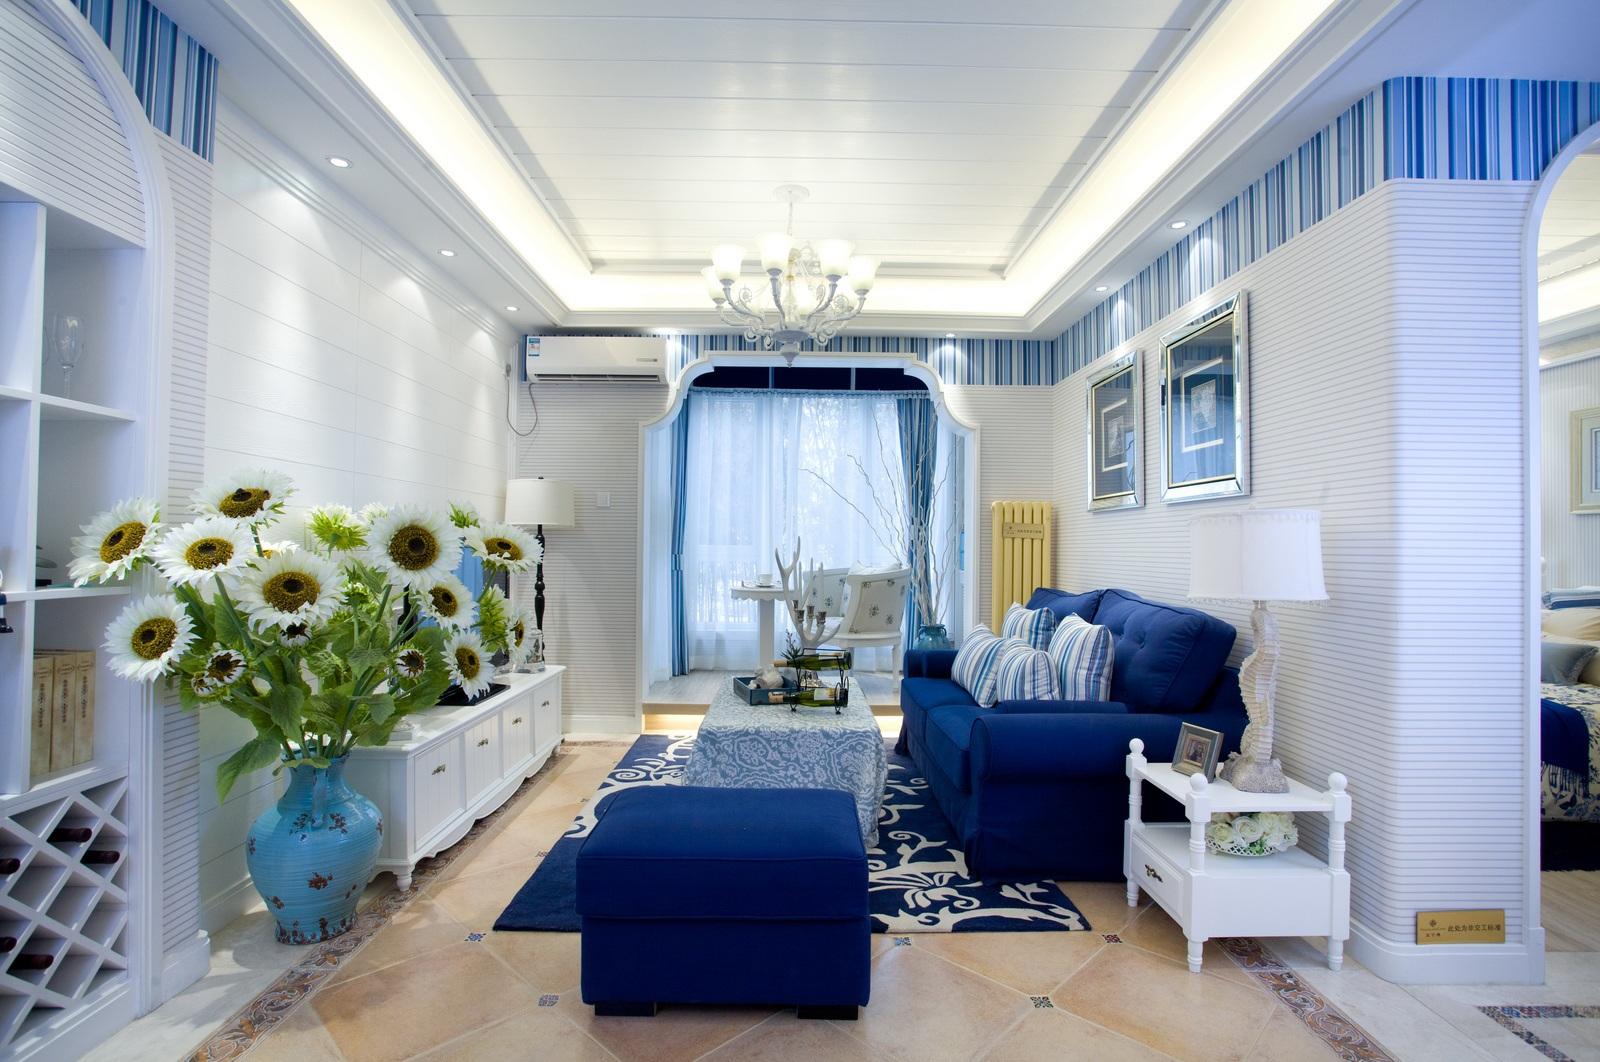 客厅整体呈现简洁明快,自由而不受拘束的家居氛围,喜欢蓝色调,给人沉重又不失时尚。